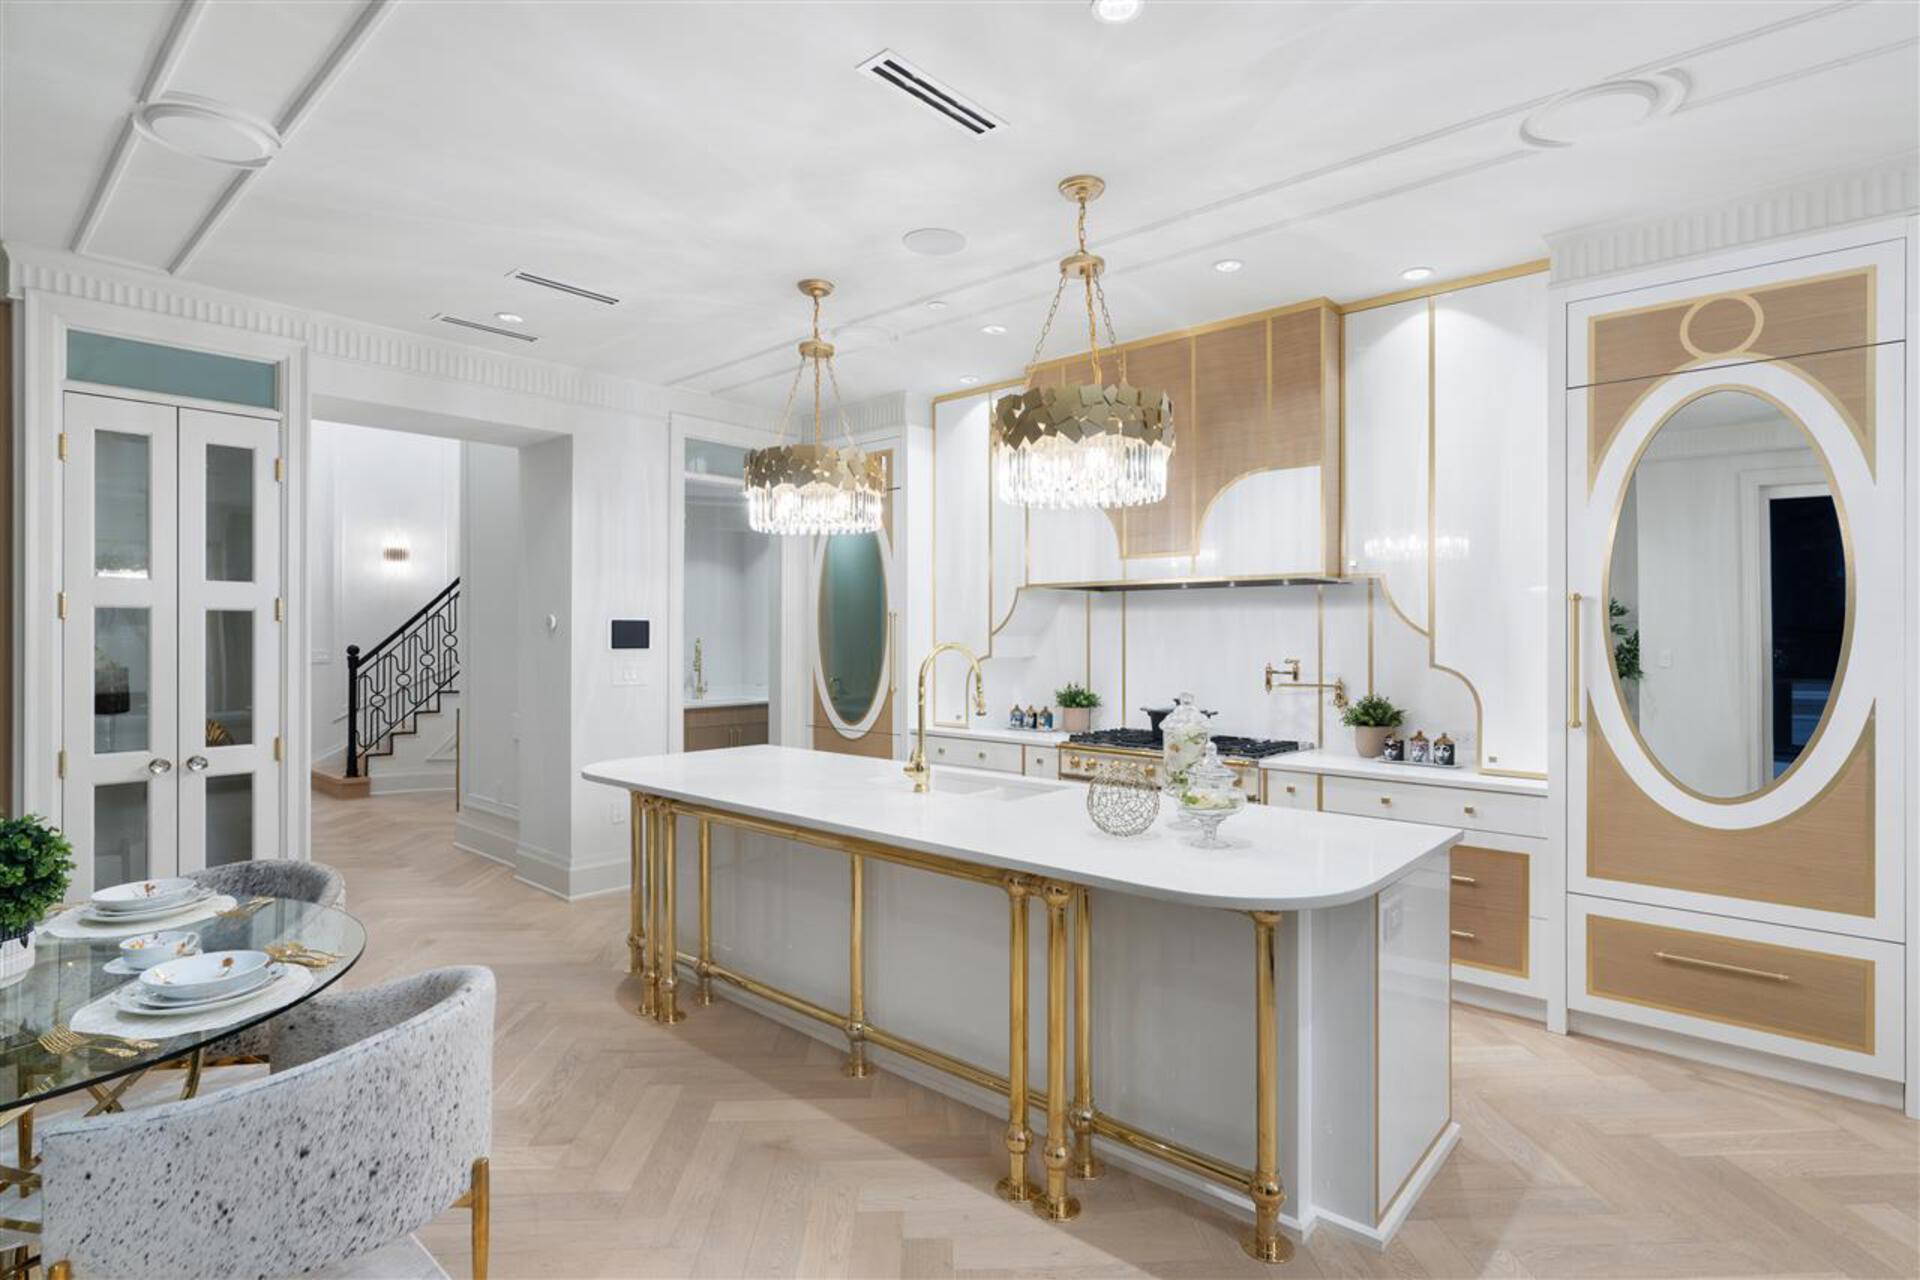 667-andover-crescent-british-properties-west-vancouver-05 at 667 Andover Crescent, British Properties, West Vancouver